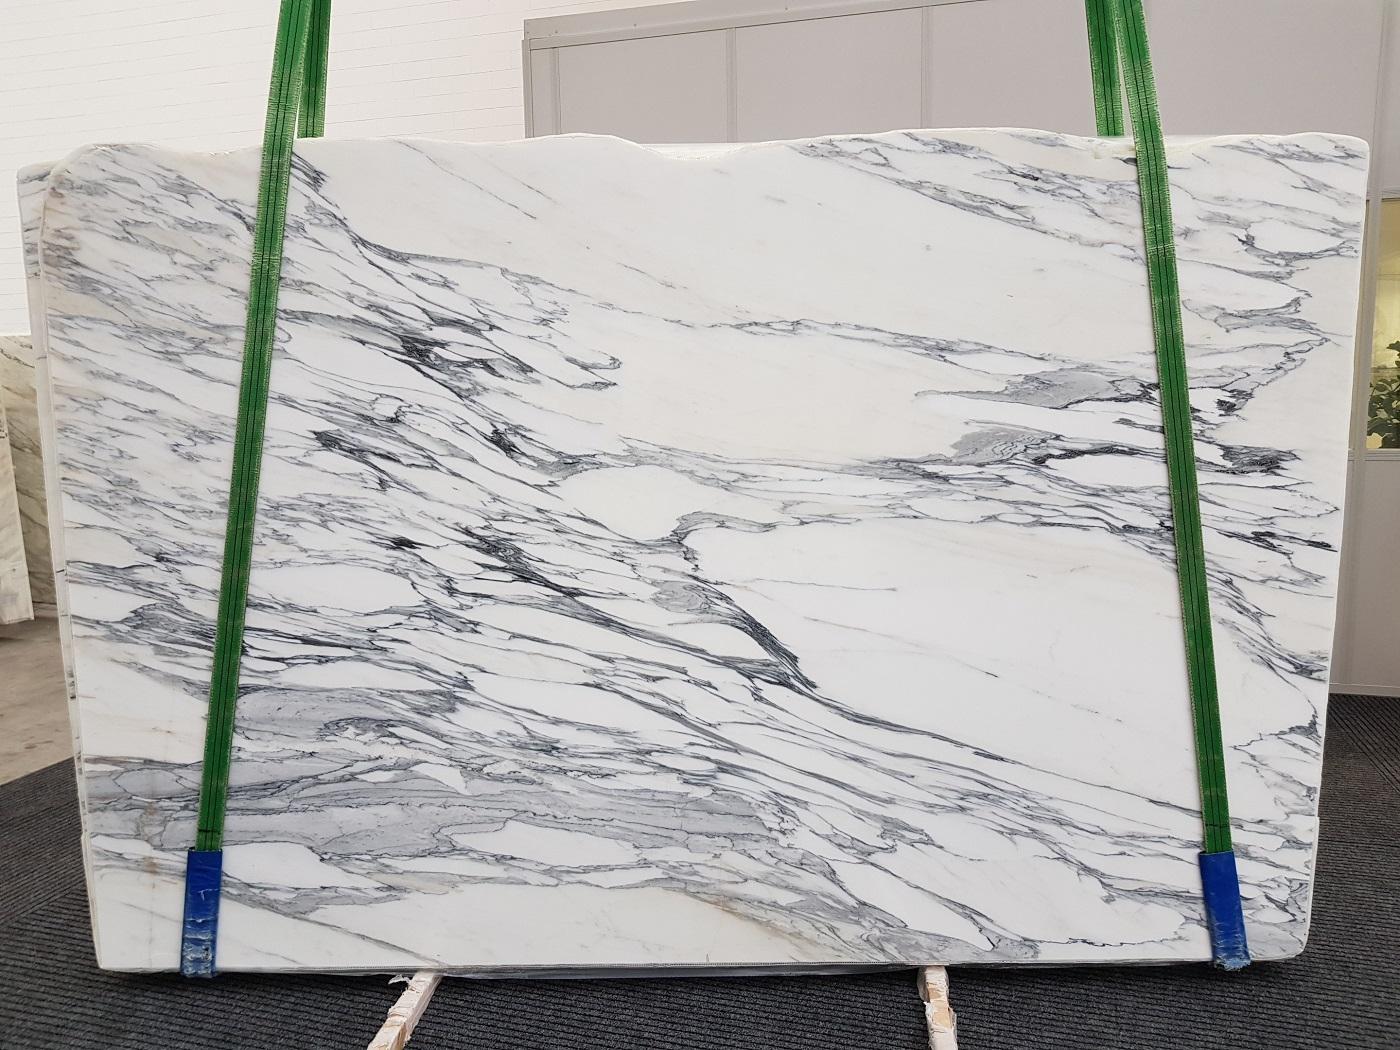 ARABESCATO CORCHIA Fornitura Veneto (Italia) di lastre grezze lucide in marmo naturale GL 1139 , Bundle #1